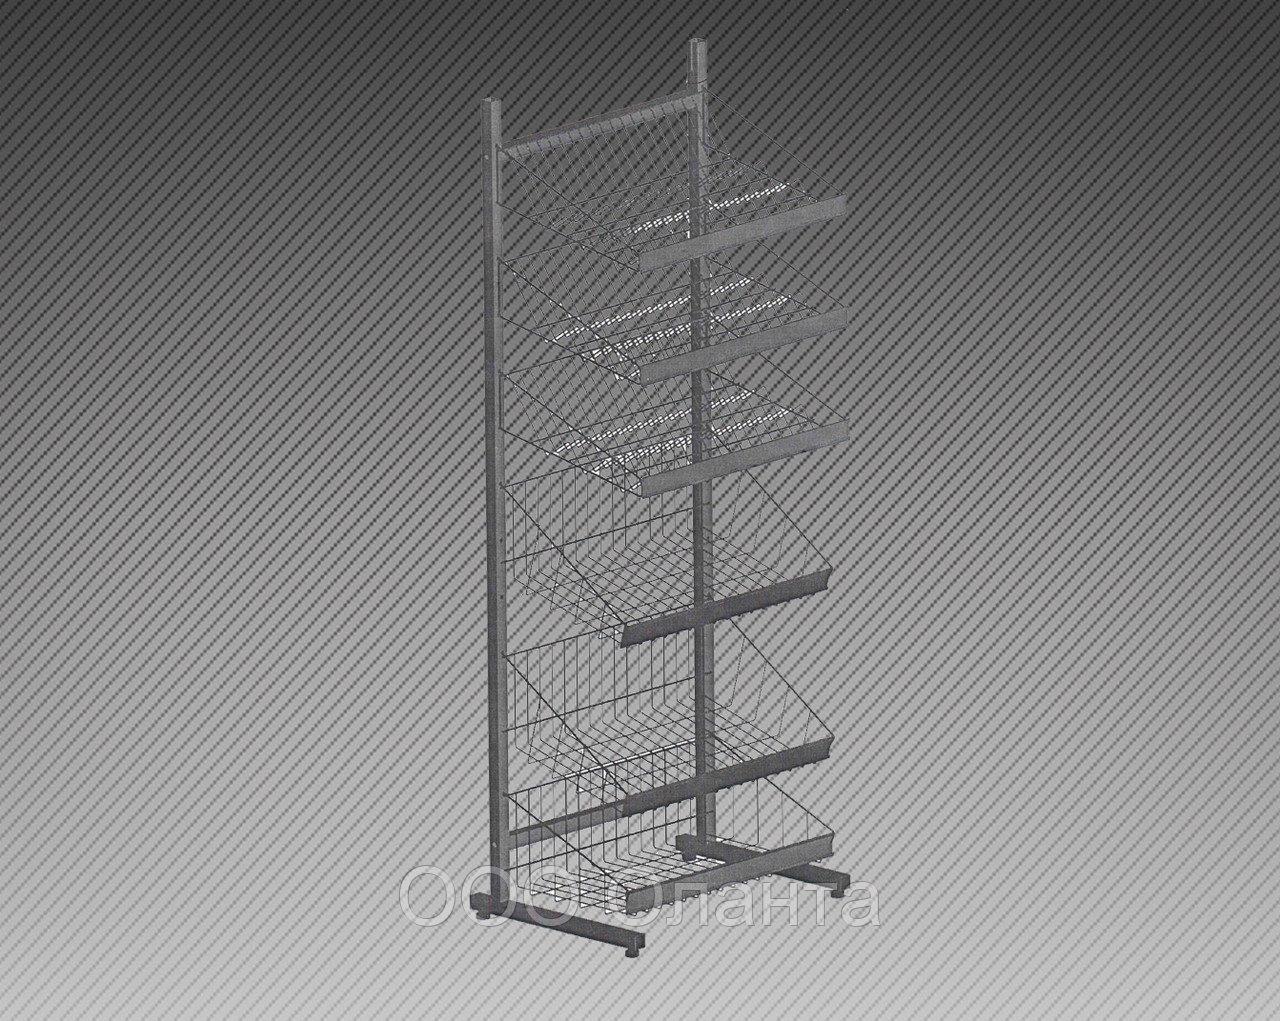 Прикассовая стойка на 6 корзин и 6 полок под шоколад (800х800х1800 мм) арт. СтПр116